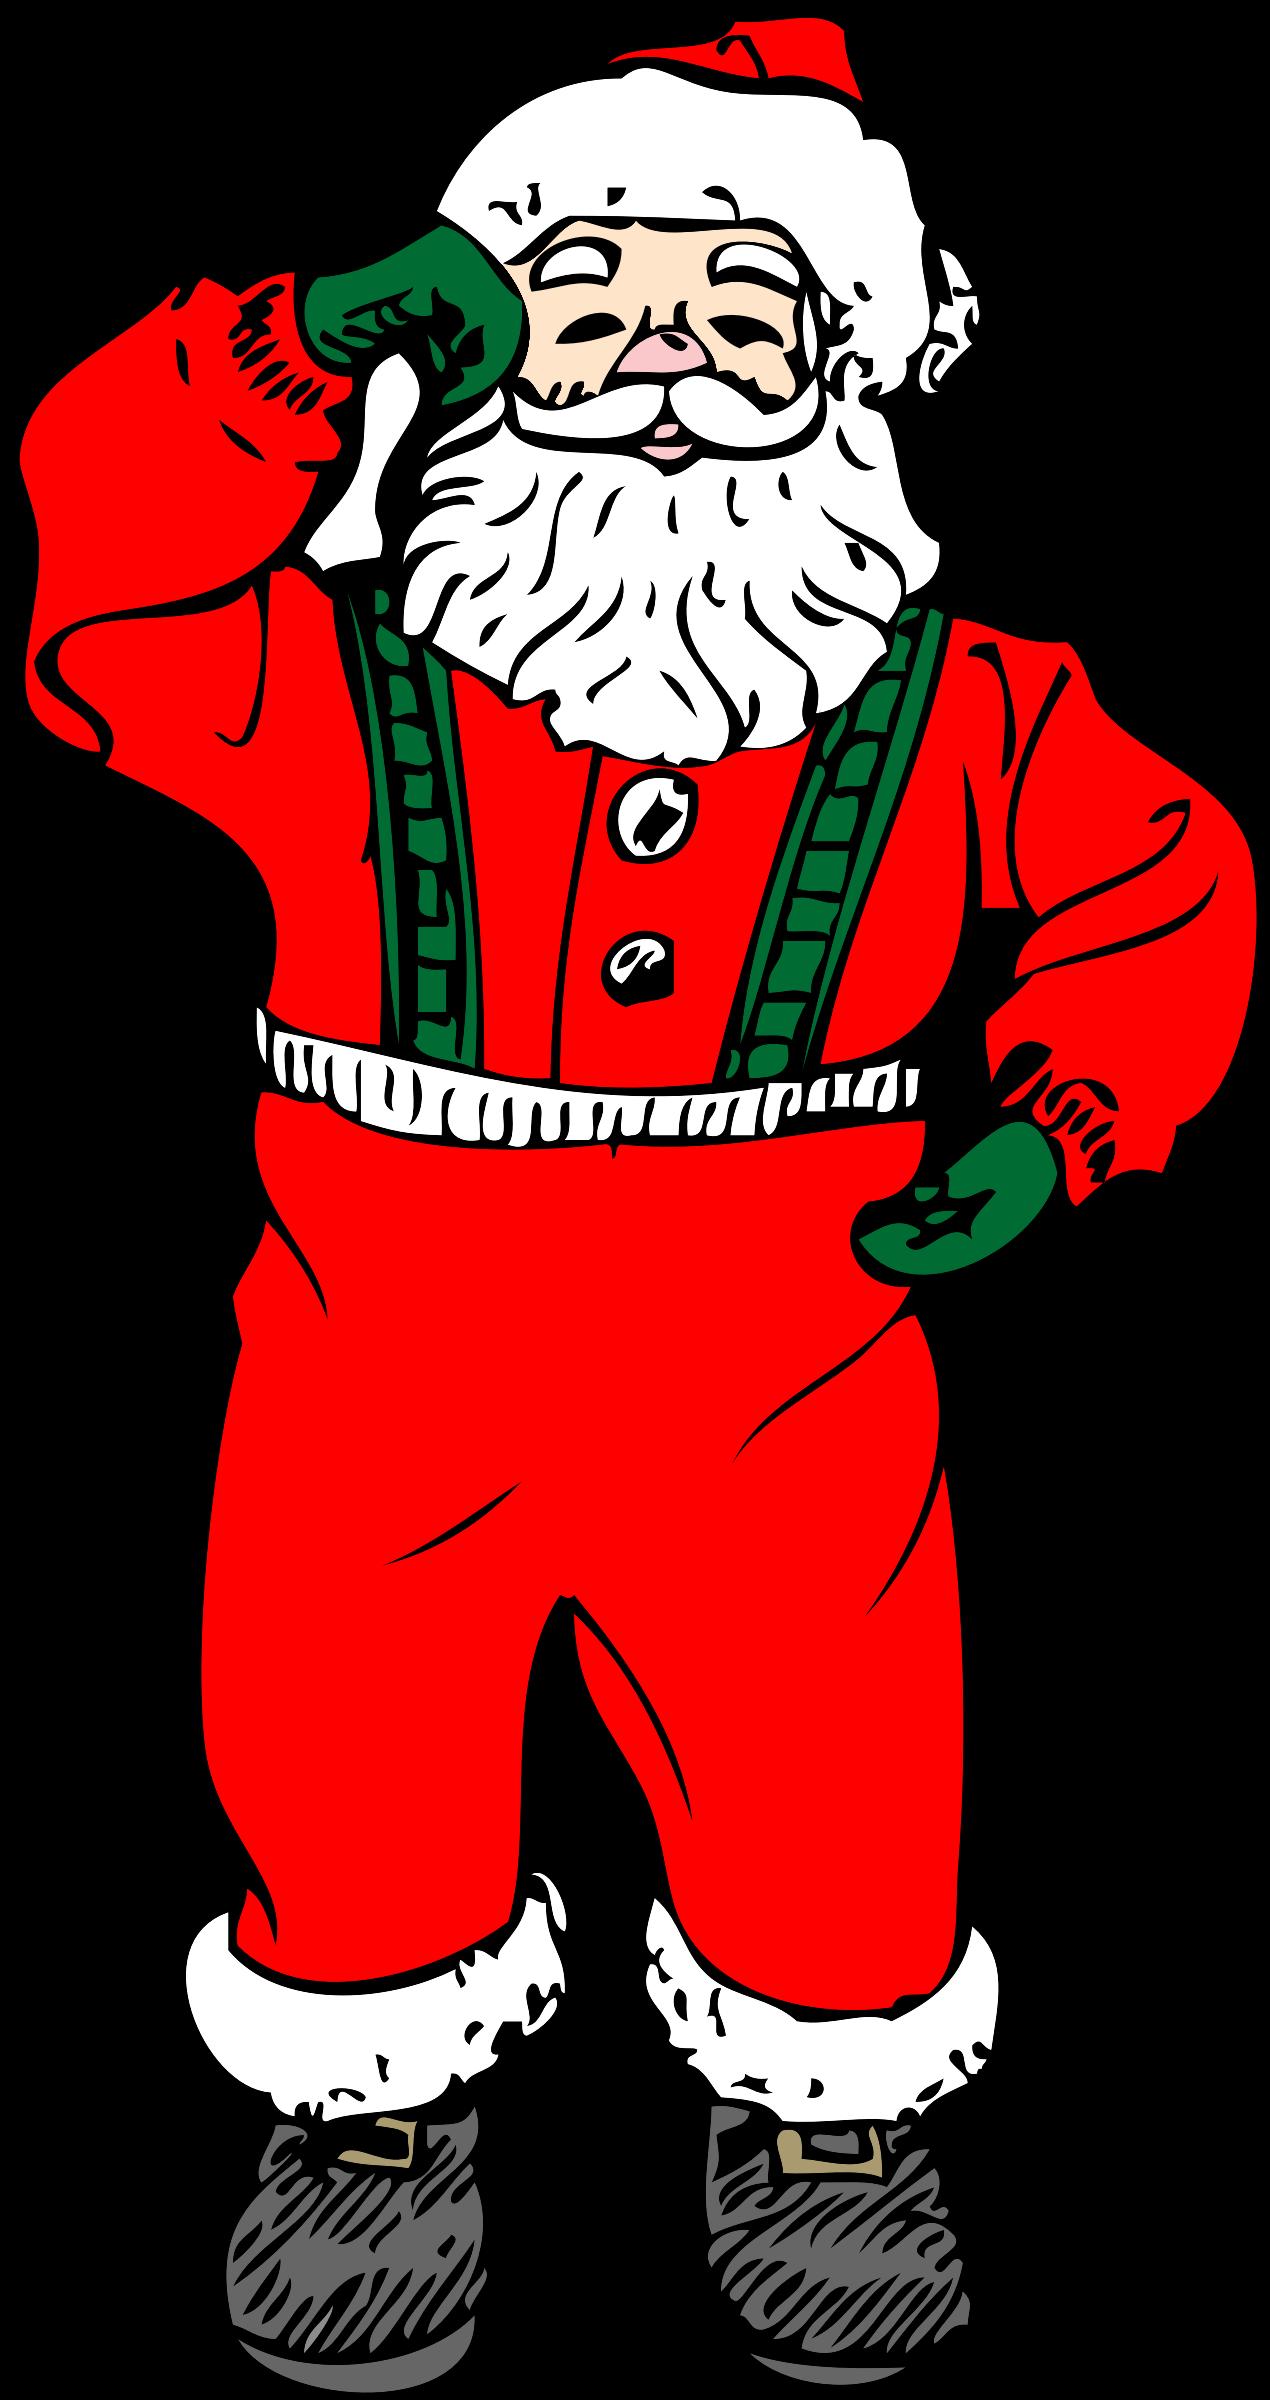 Dancing big image png. Santa clipart printable